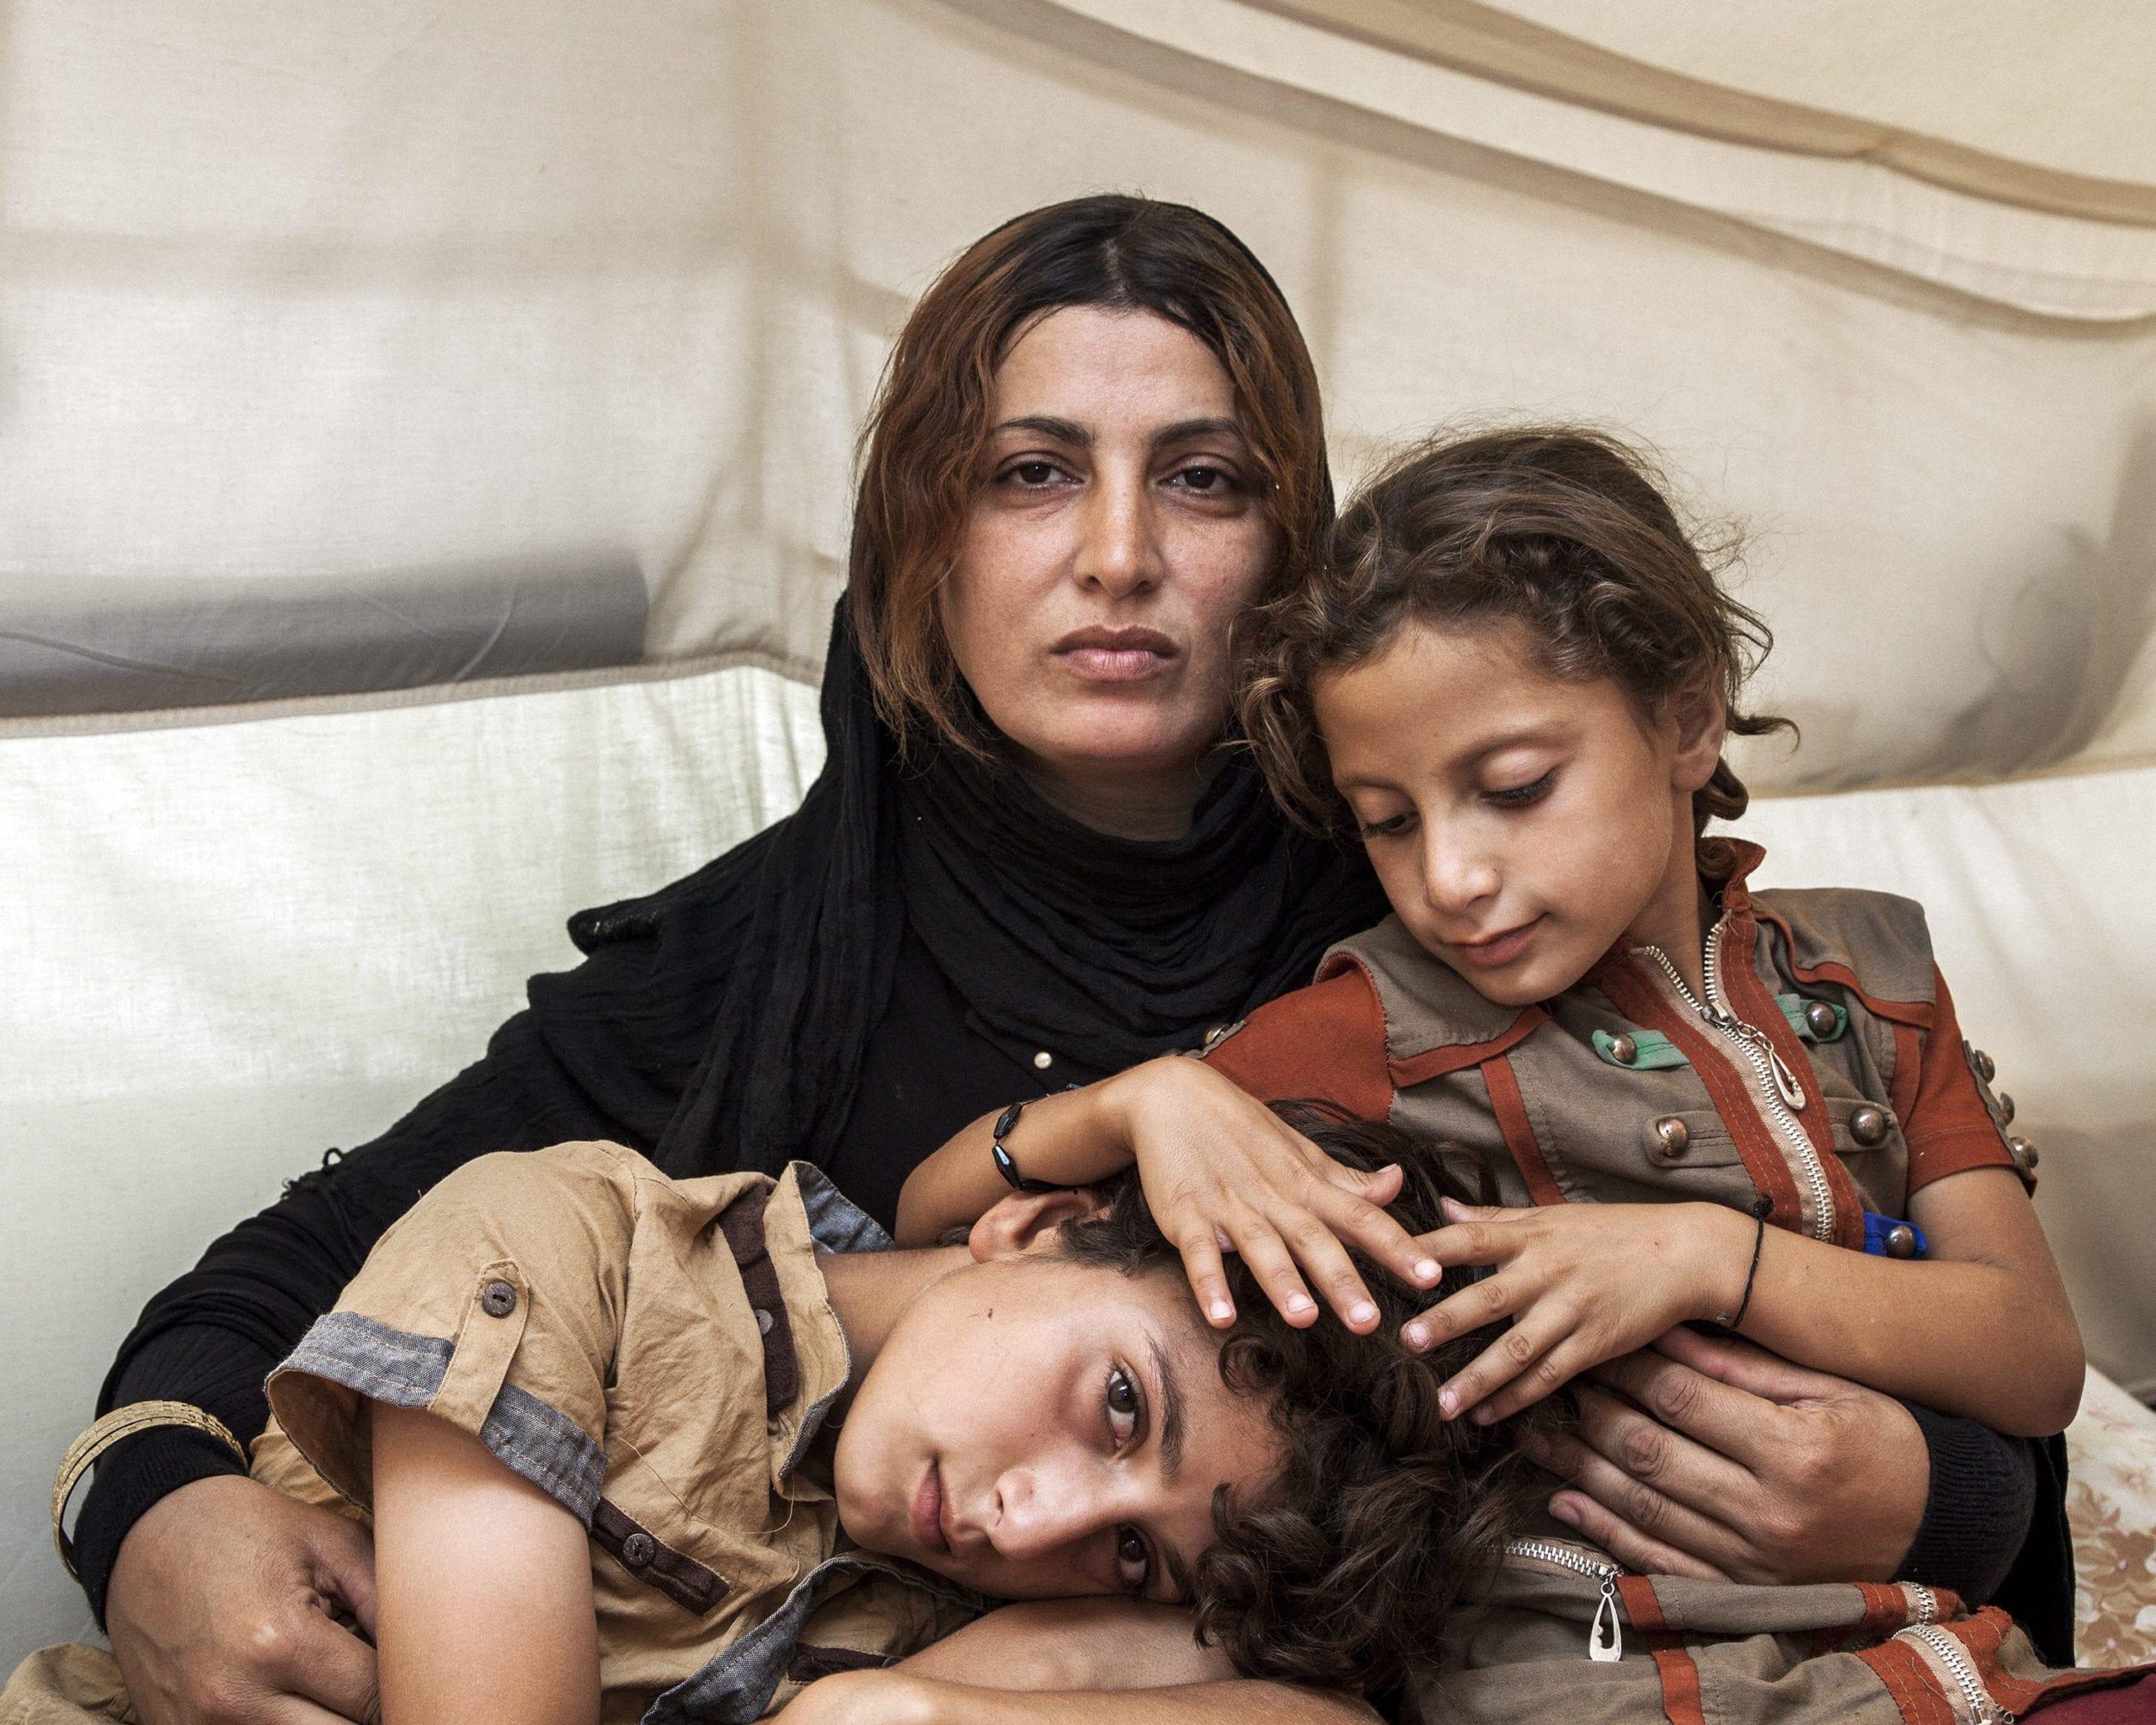 Amira and her Children by Ivor Prickett © Ivor Prickett/UNHCR/Panos Pictures